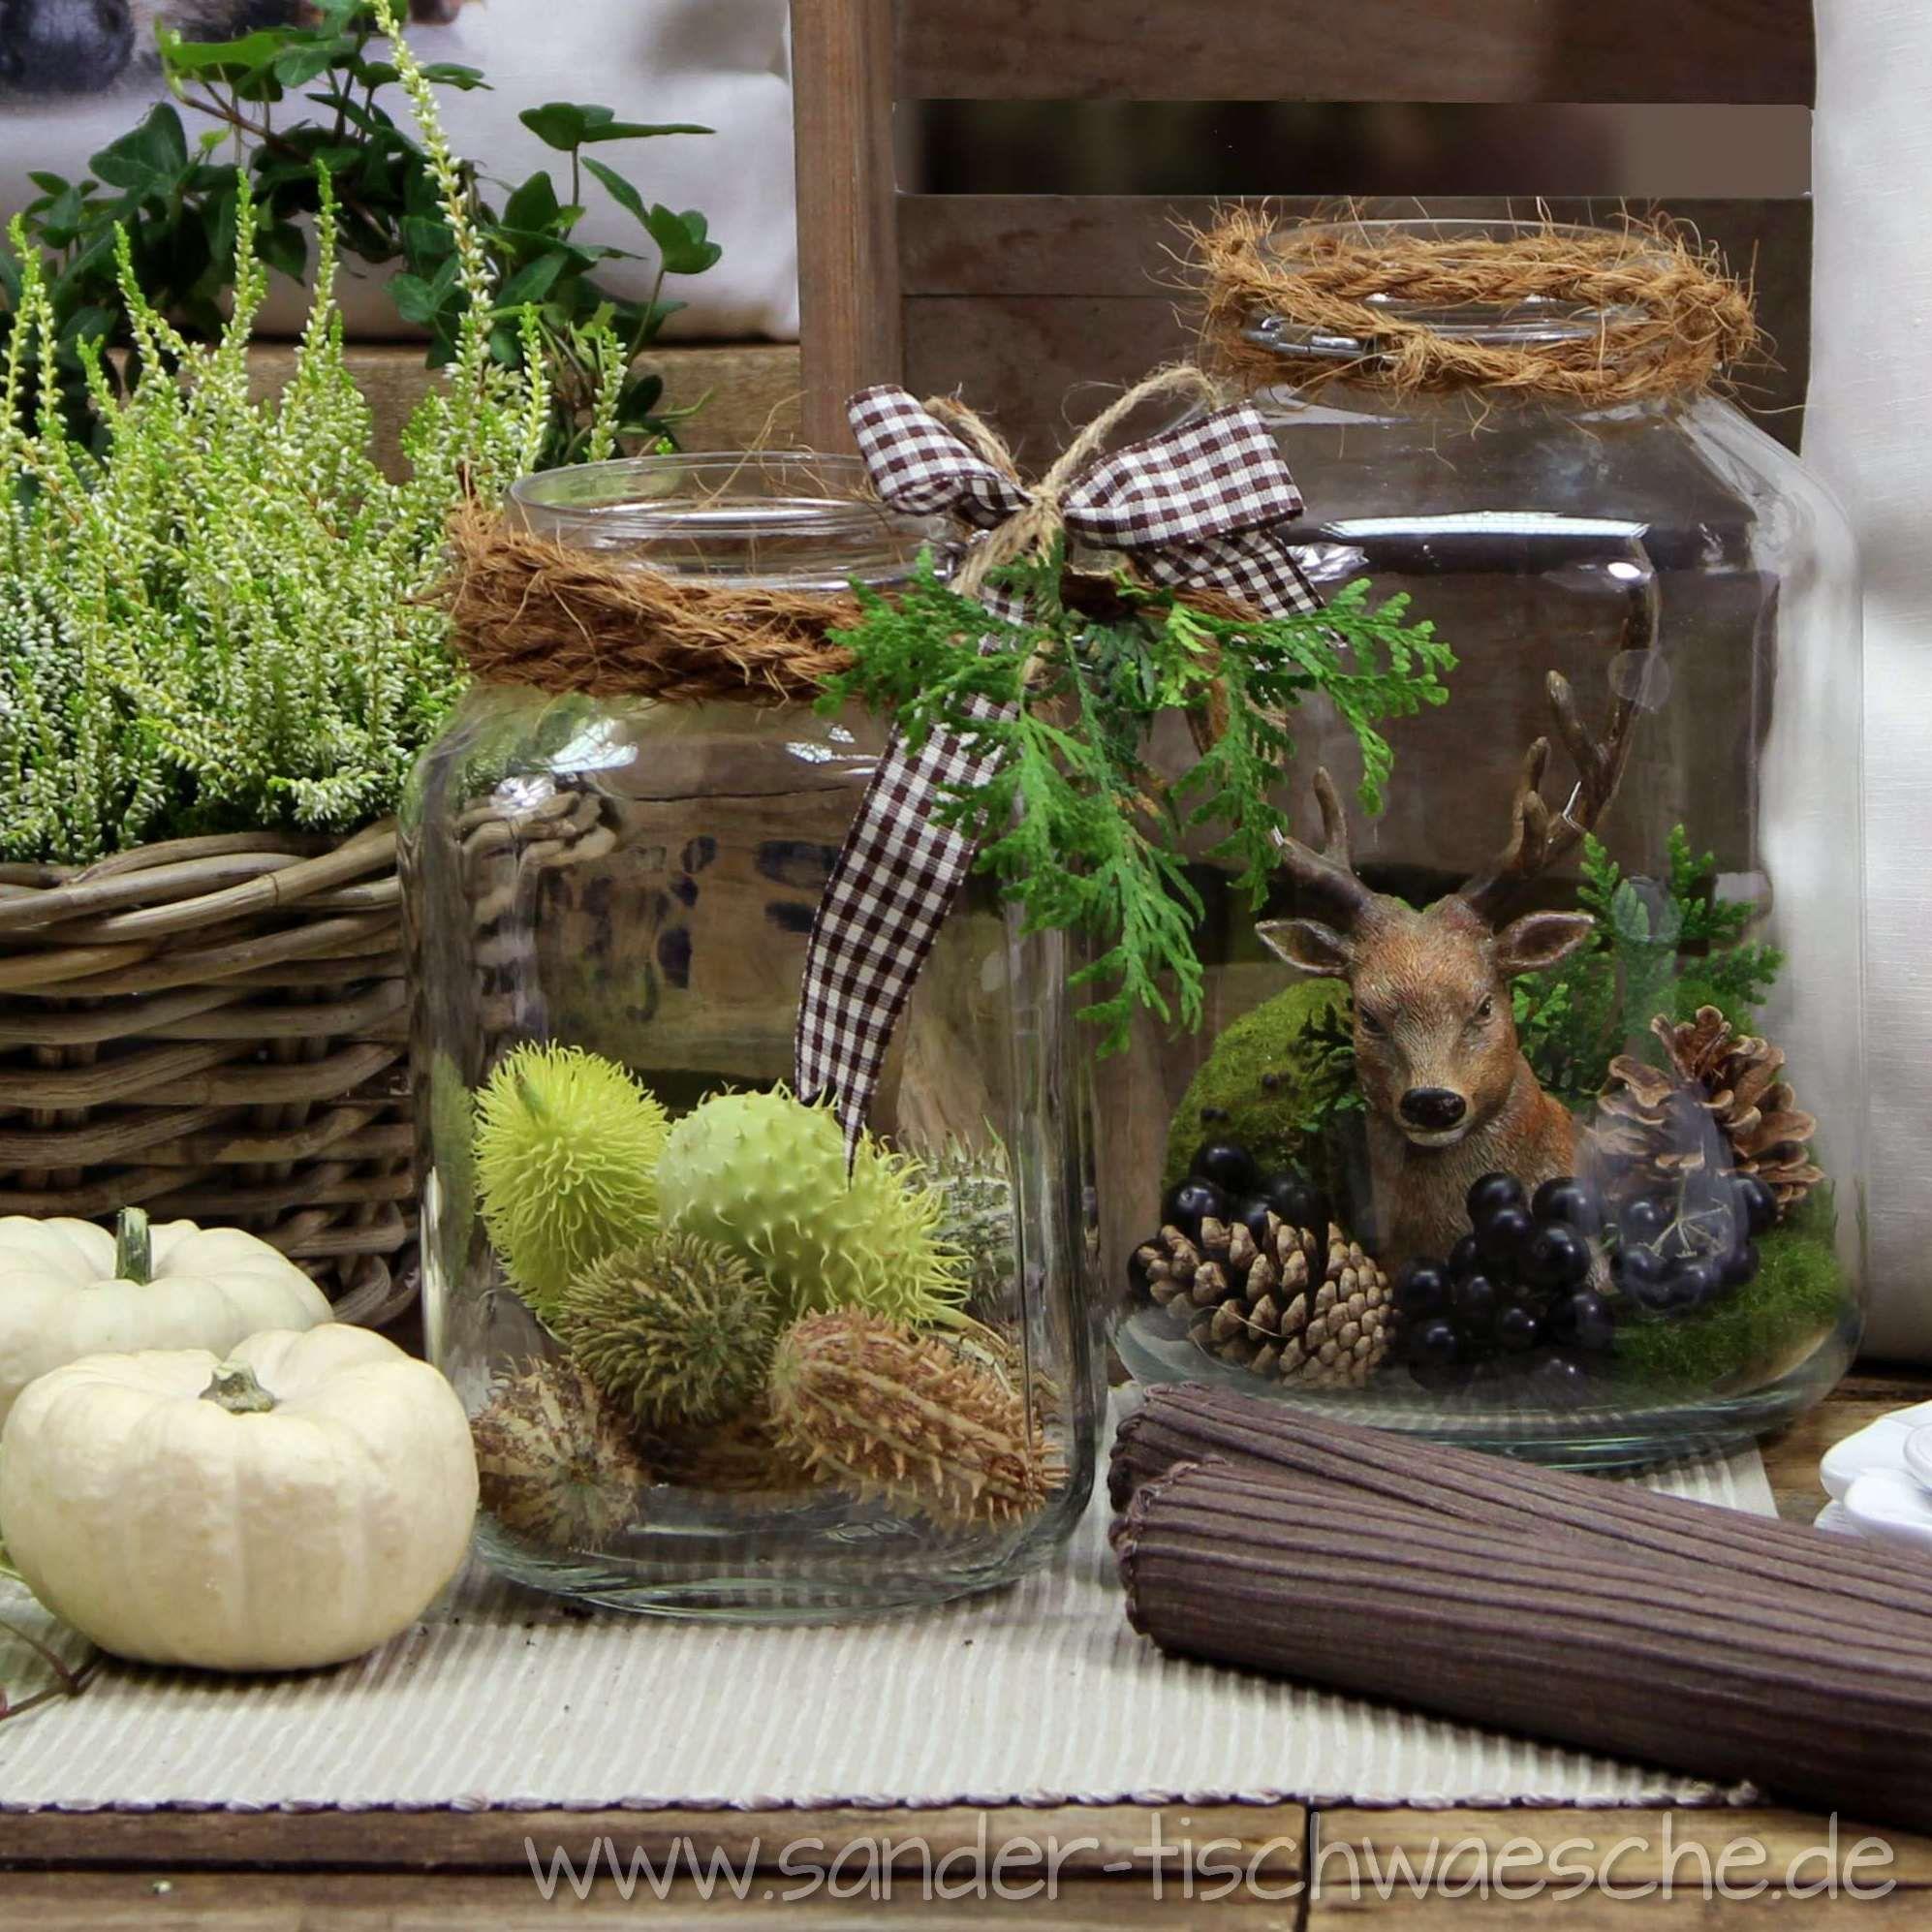 Herbstlich Dekorierte Weckglaser Tischsets Zu Bestellen Bei Sander